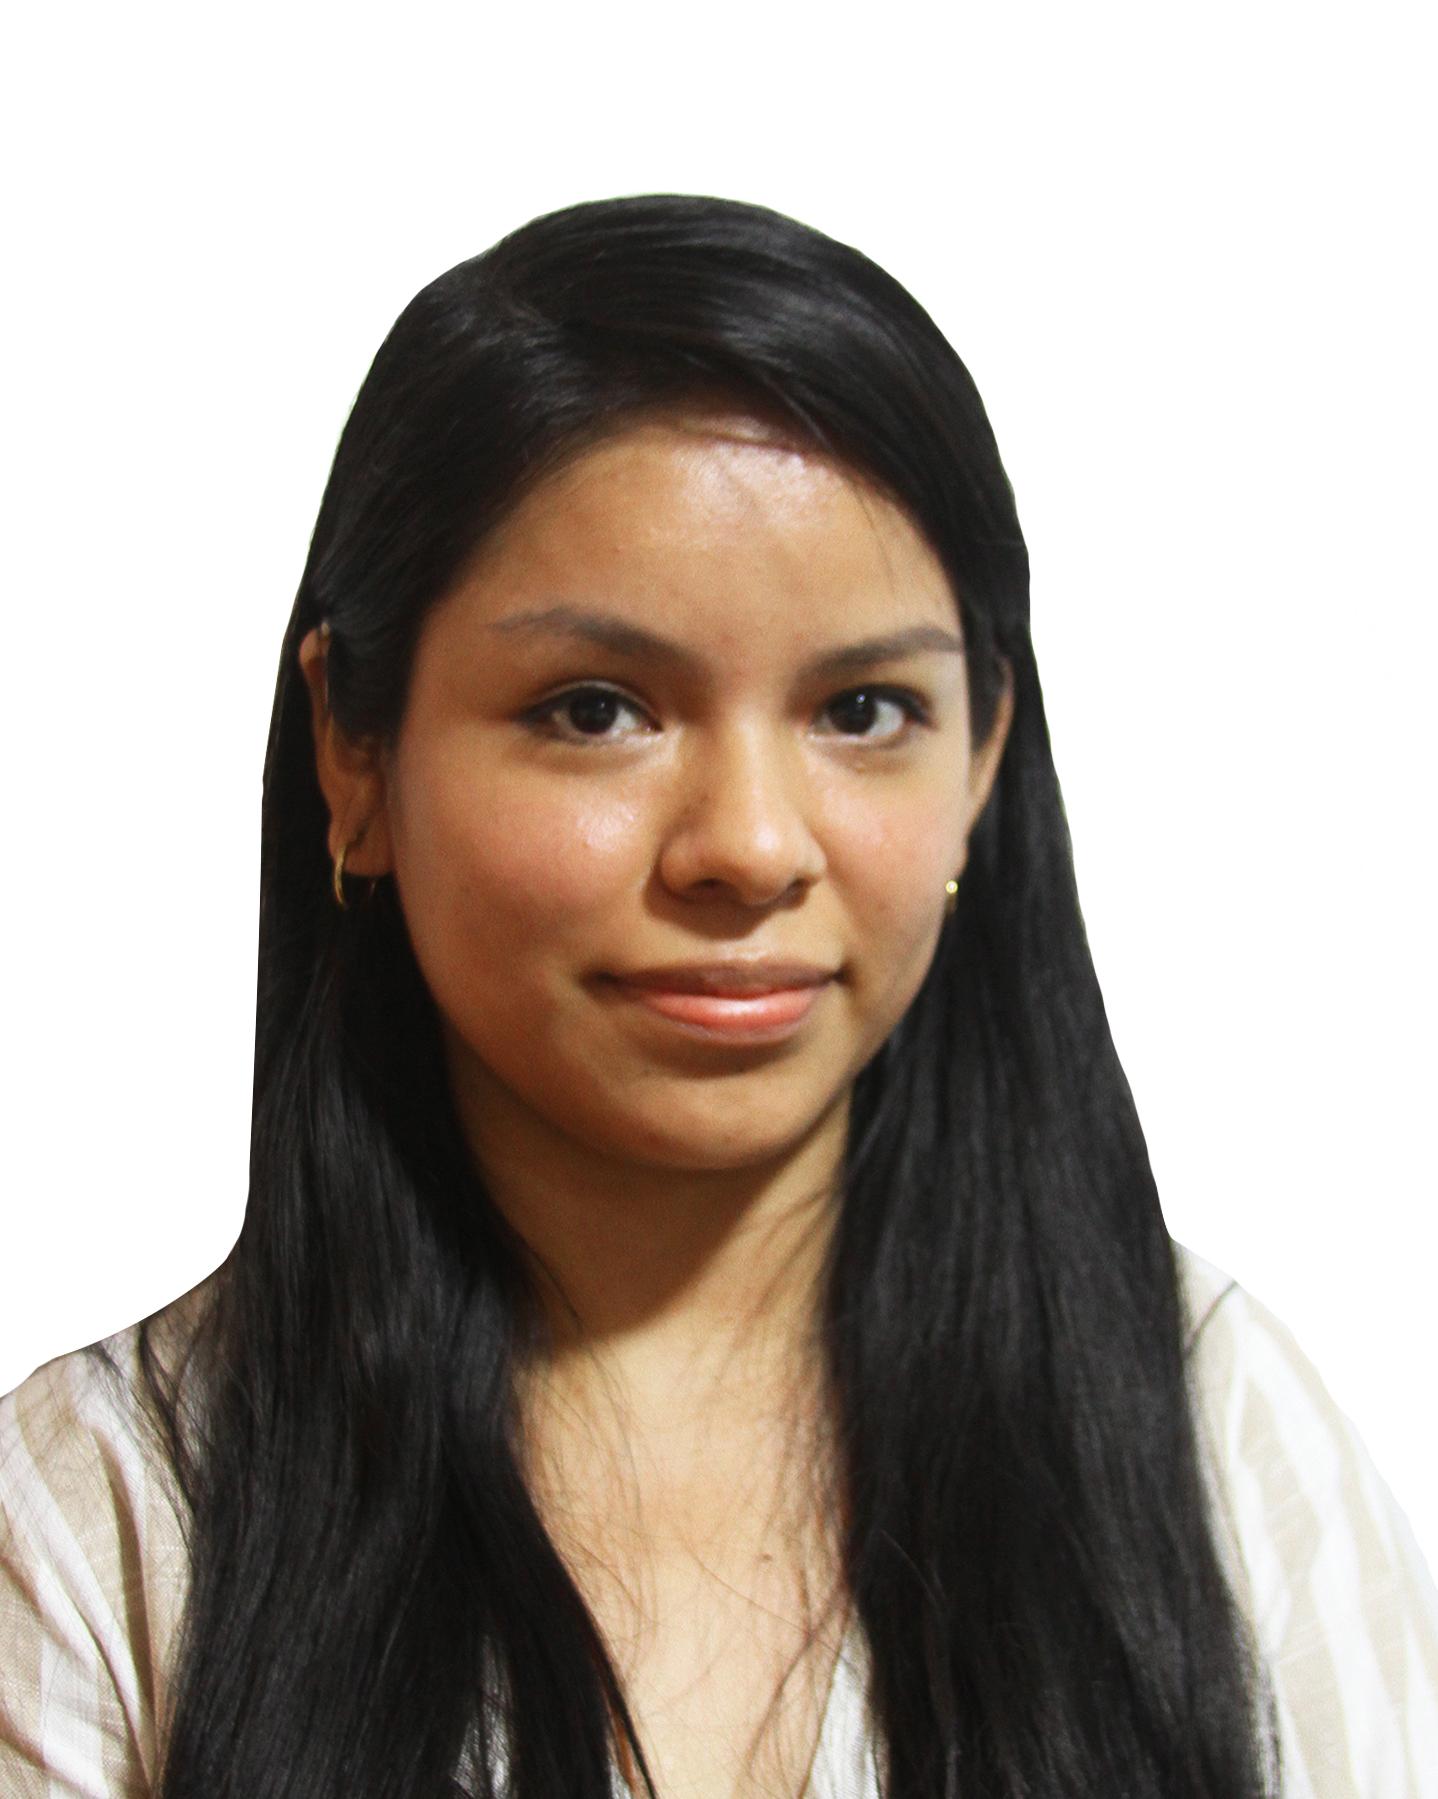 Angie Estefanero Soel